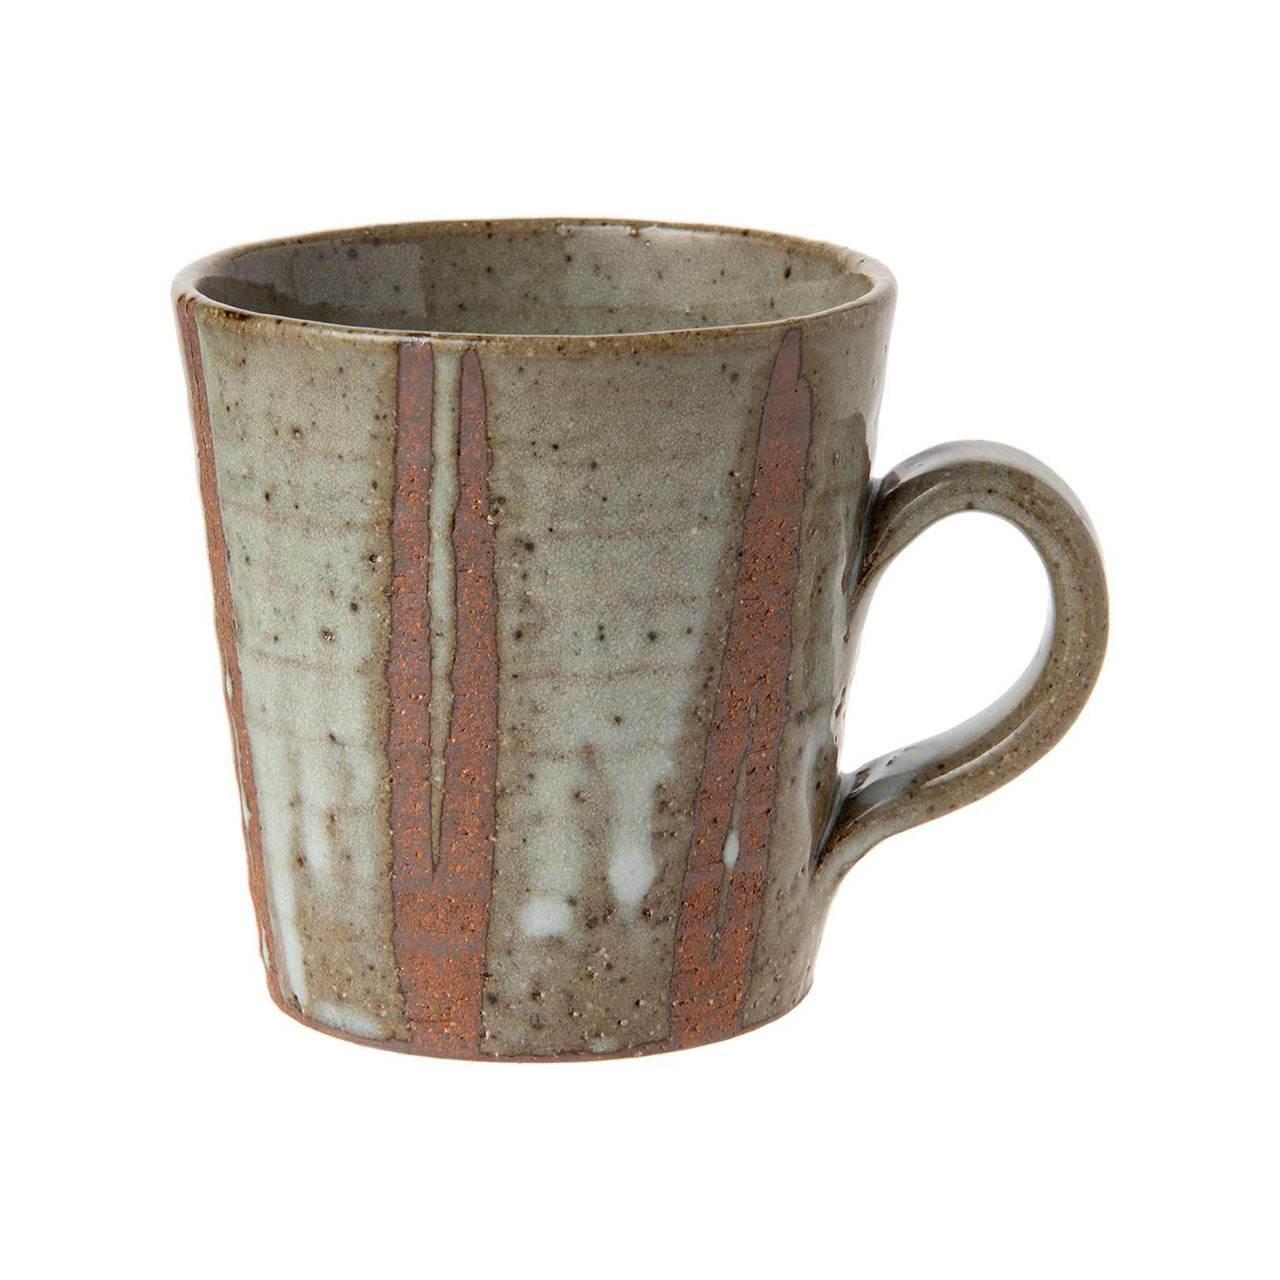 信楽焼 へちもん マグカップ 大 約330ml 白萩立線 MR-3-3336